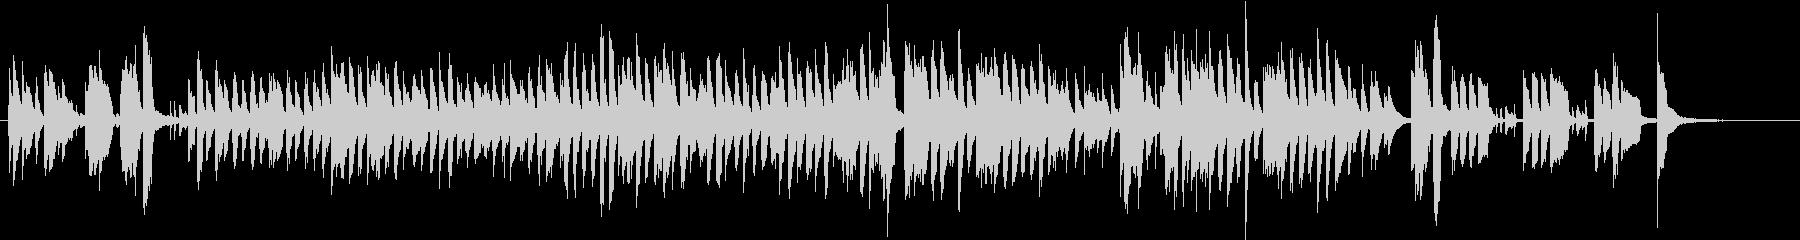 楽しいBGM(ドビッシーケルクウォーク)の未再生の波形